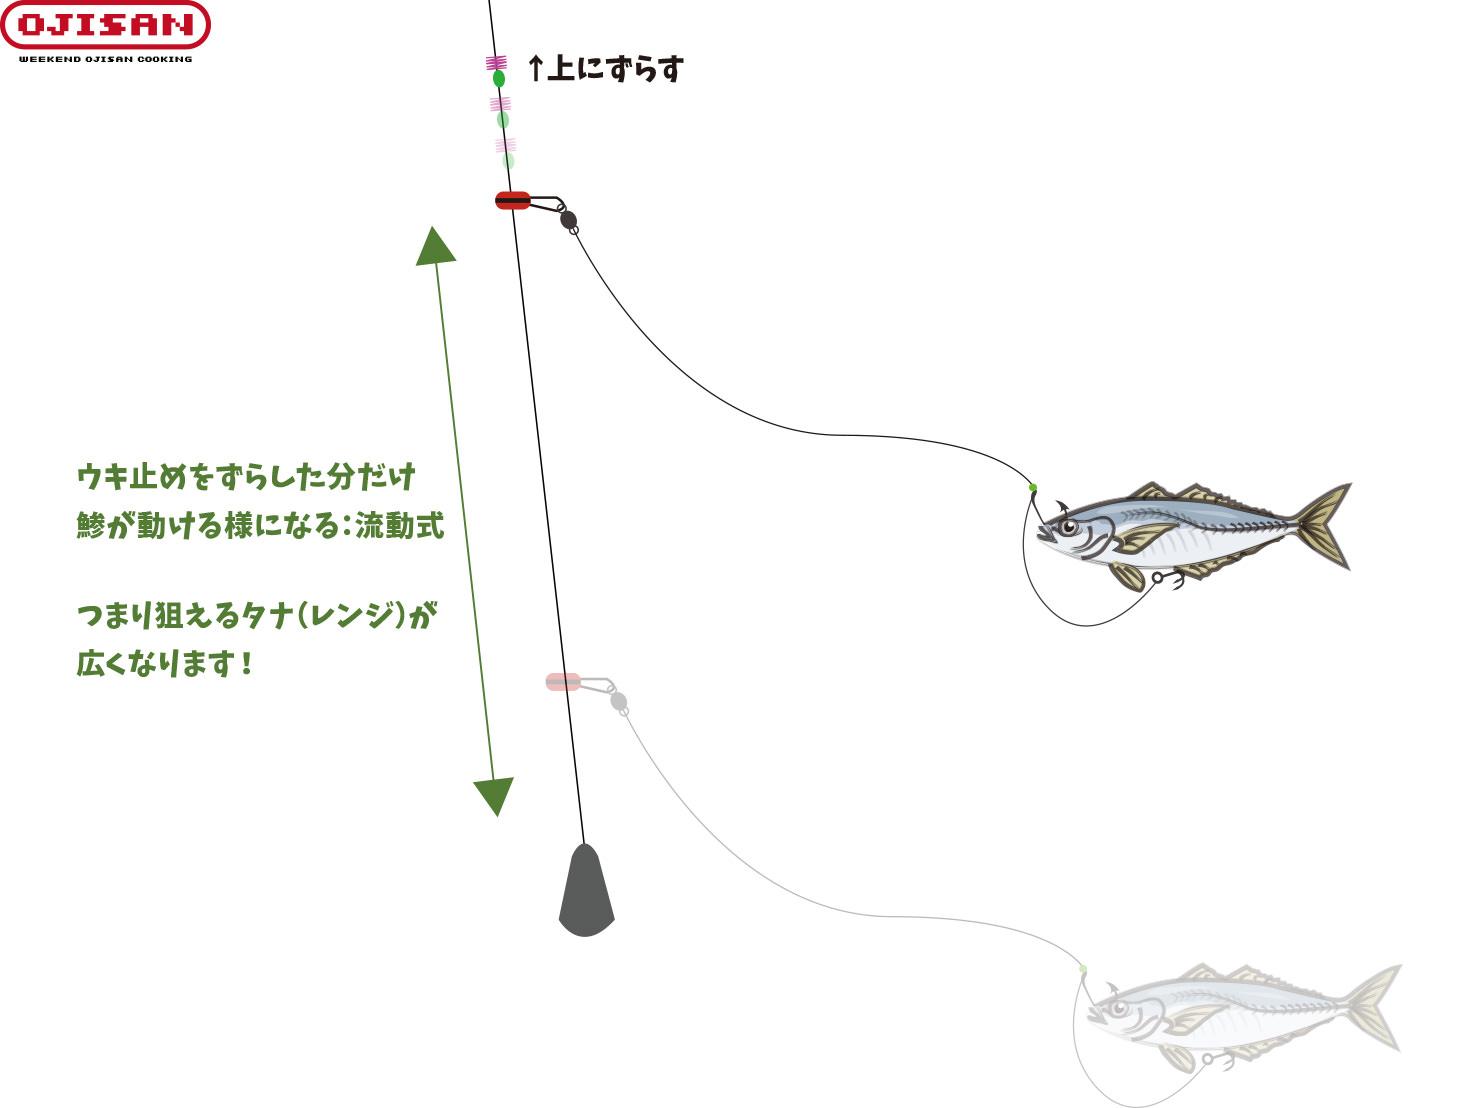 アジ 泳がせ 釣り 仕掛け